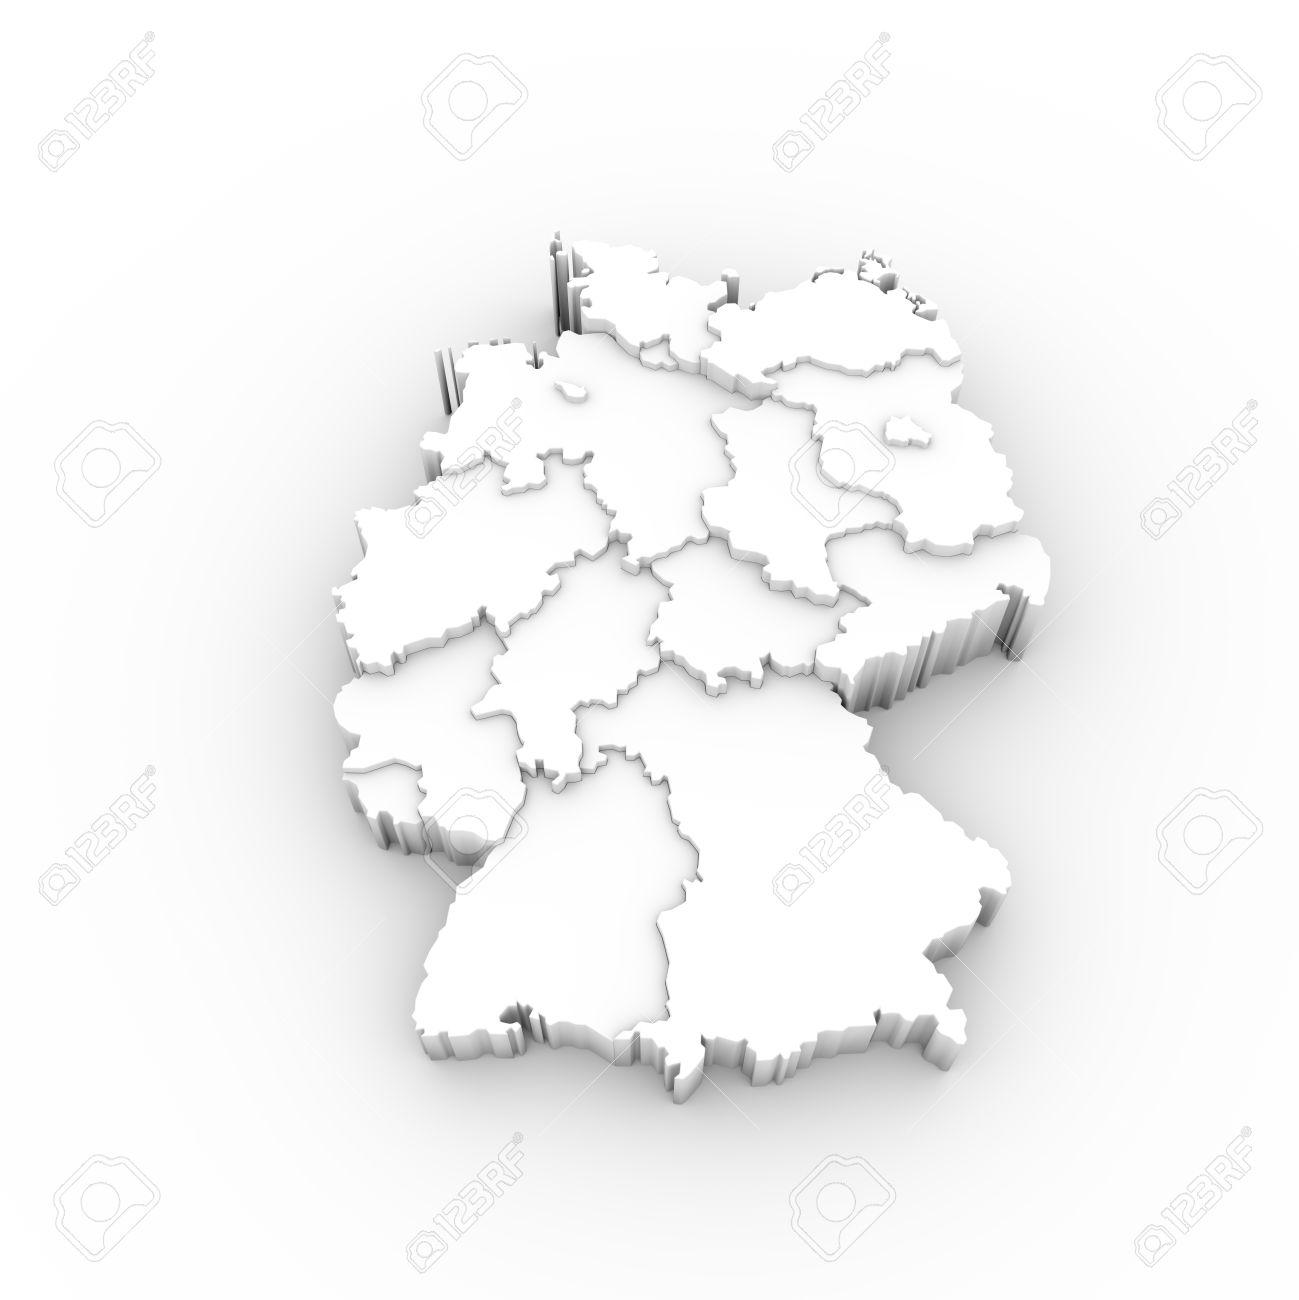 deutschland 3d karte Deutschland Karte 3D Weiß Mit Staaten Schrittweise Und Clipping